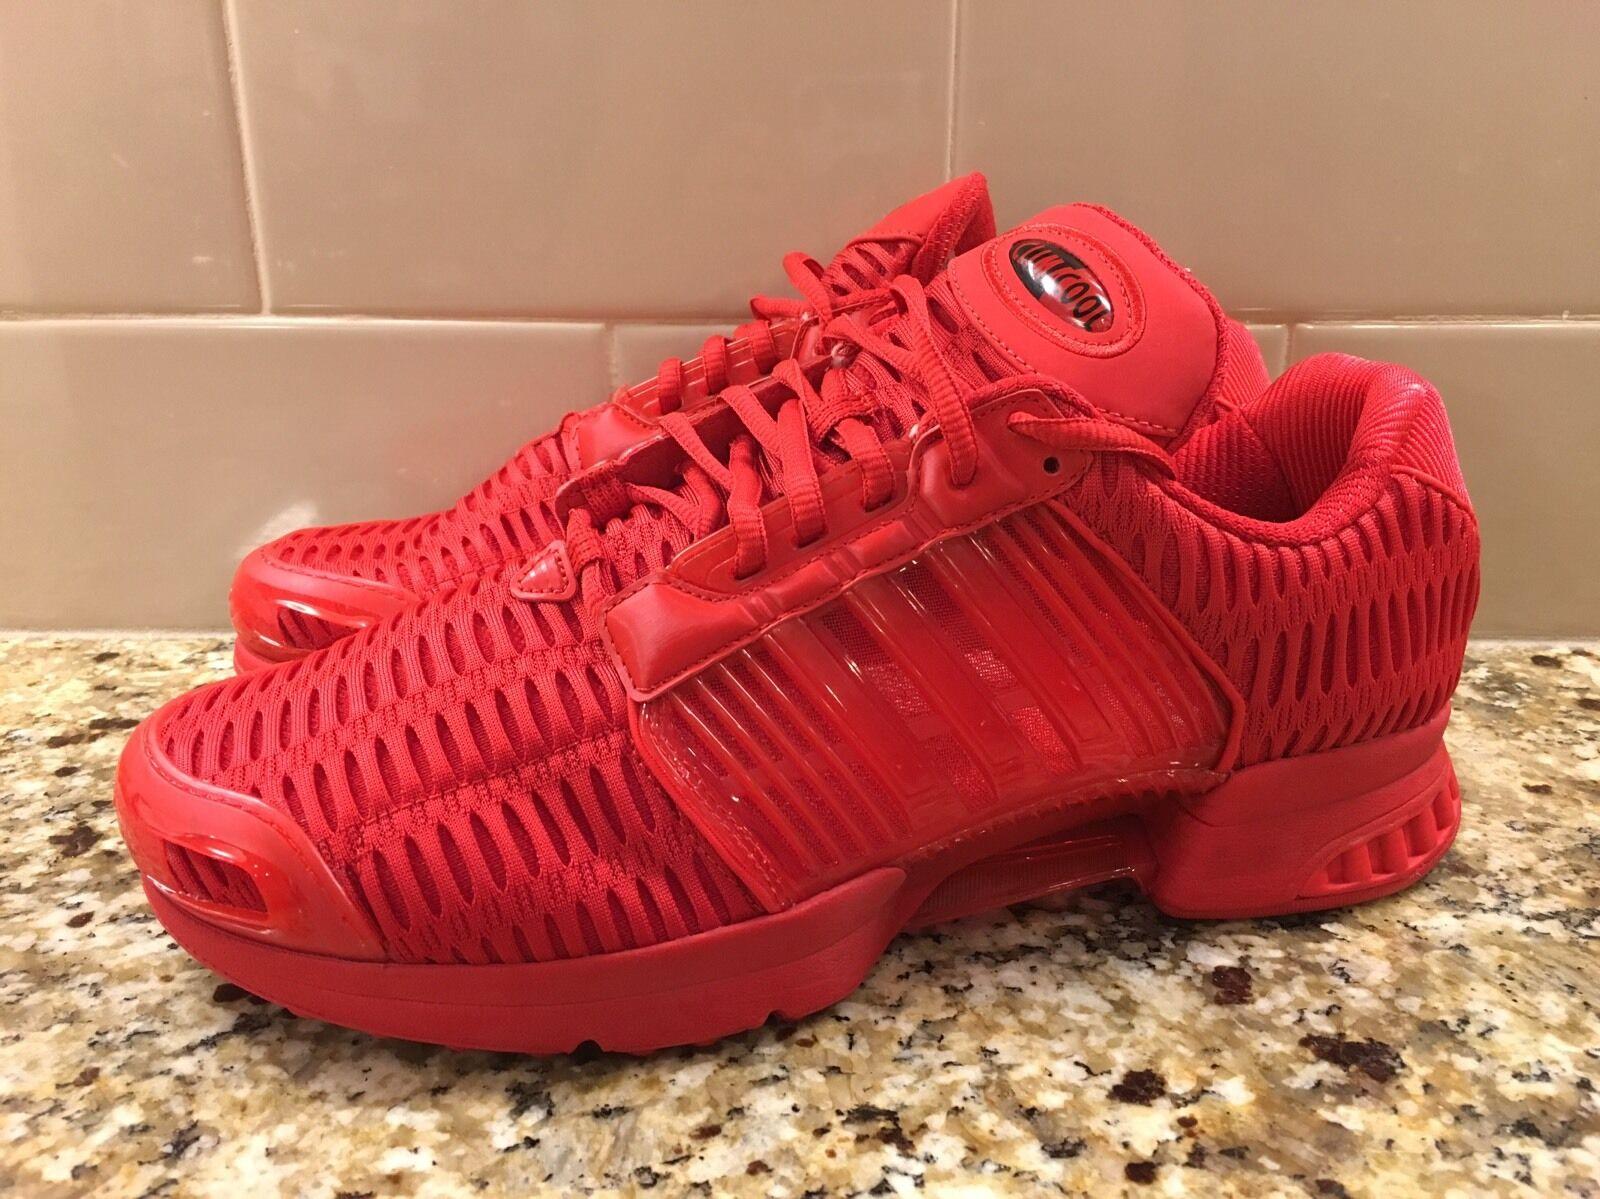 Adidas originali ba8581 clima forte 1 uno ba8581 originali collegiale rosso ds dimensioni: 11 9df404